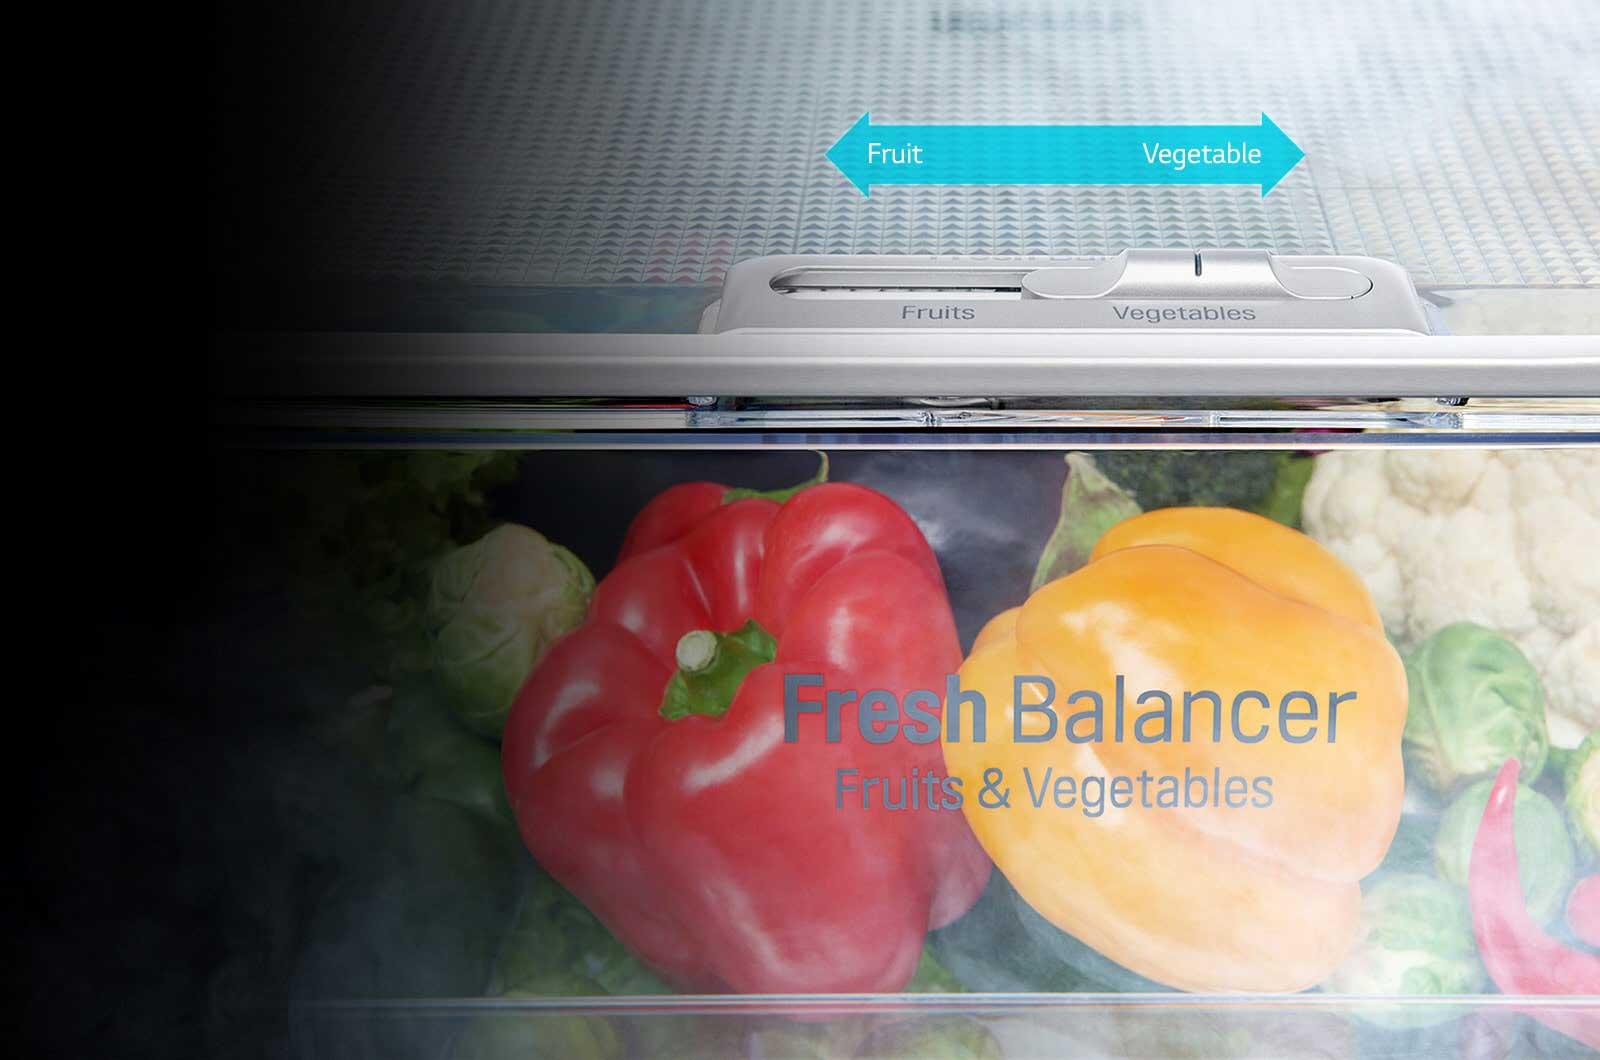 تنظیم رطوبت کافی برای جعبه سبزیجات